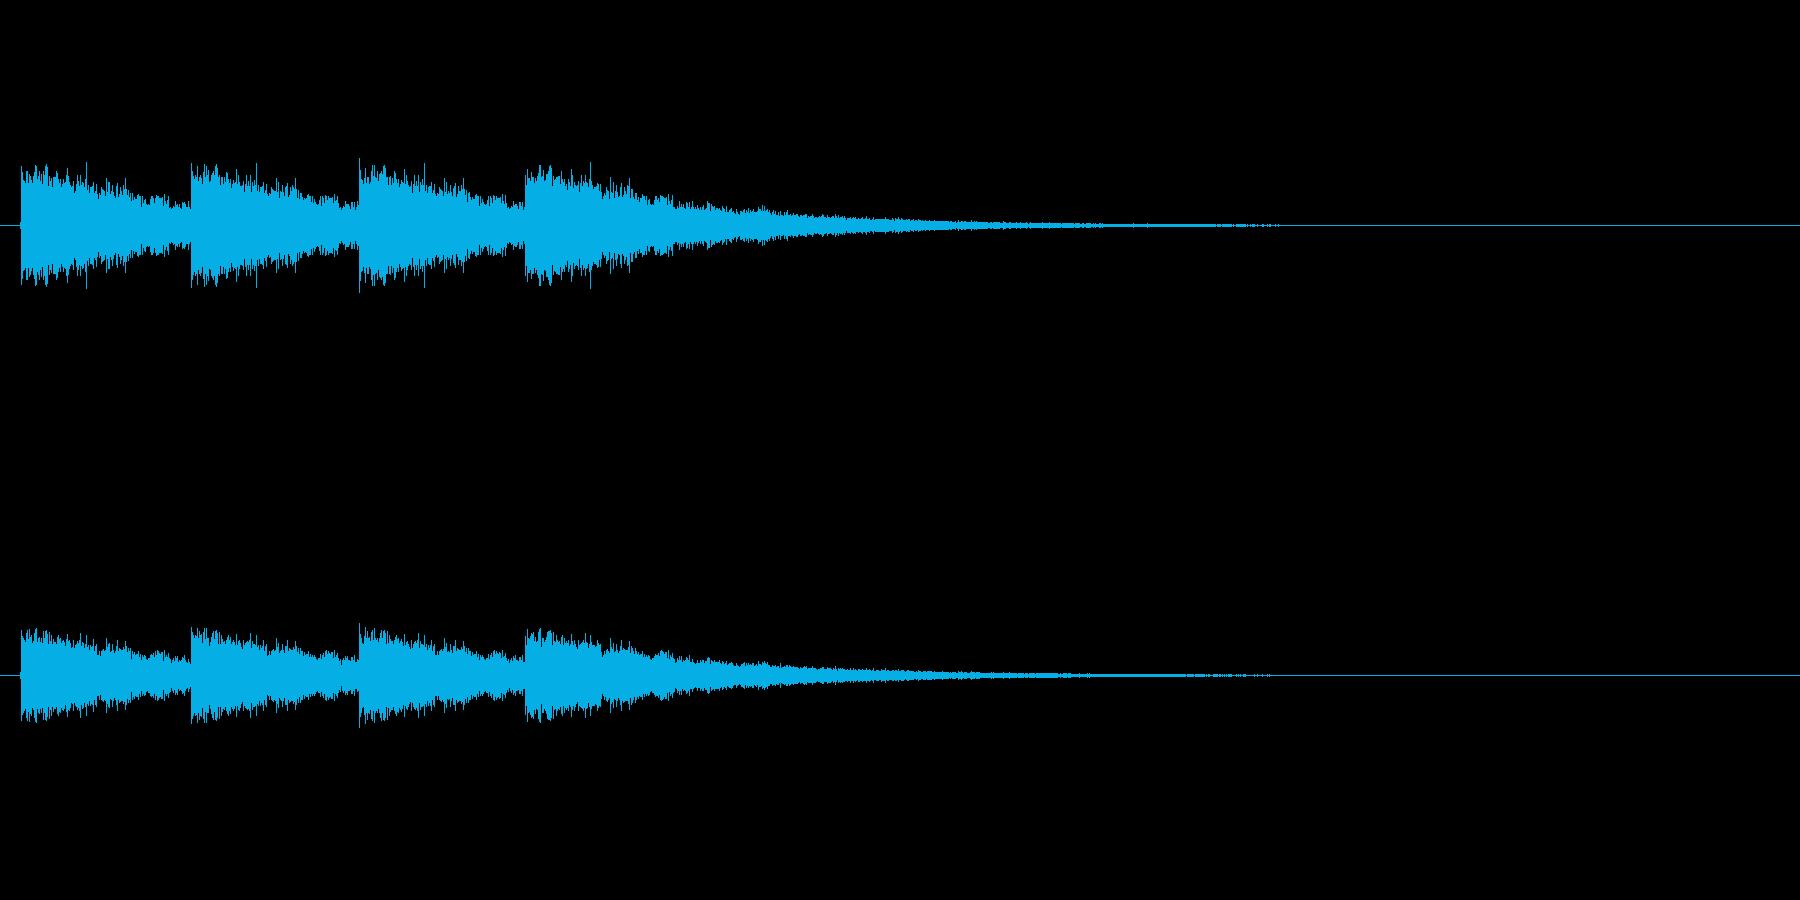 カウント音。ハイハット、シンプルの再生済みの波形